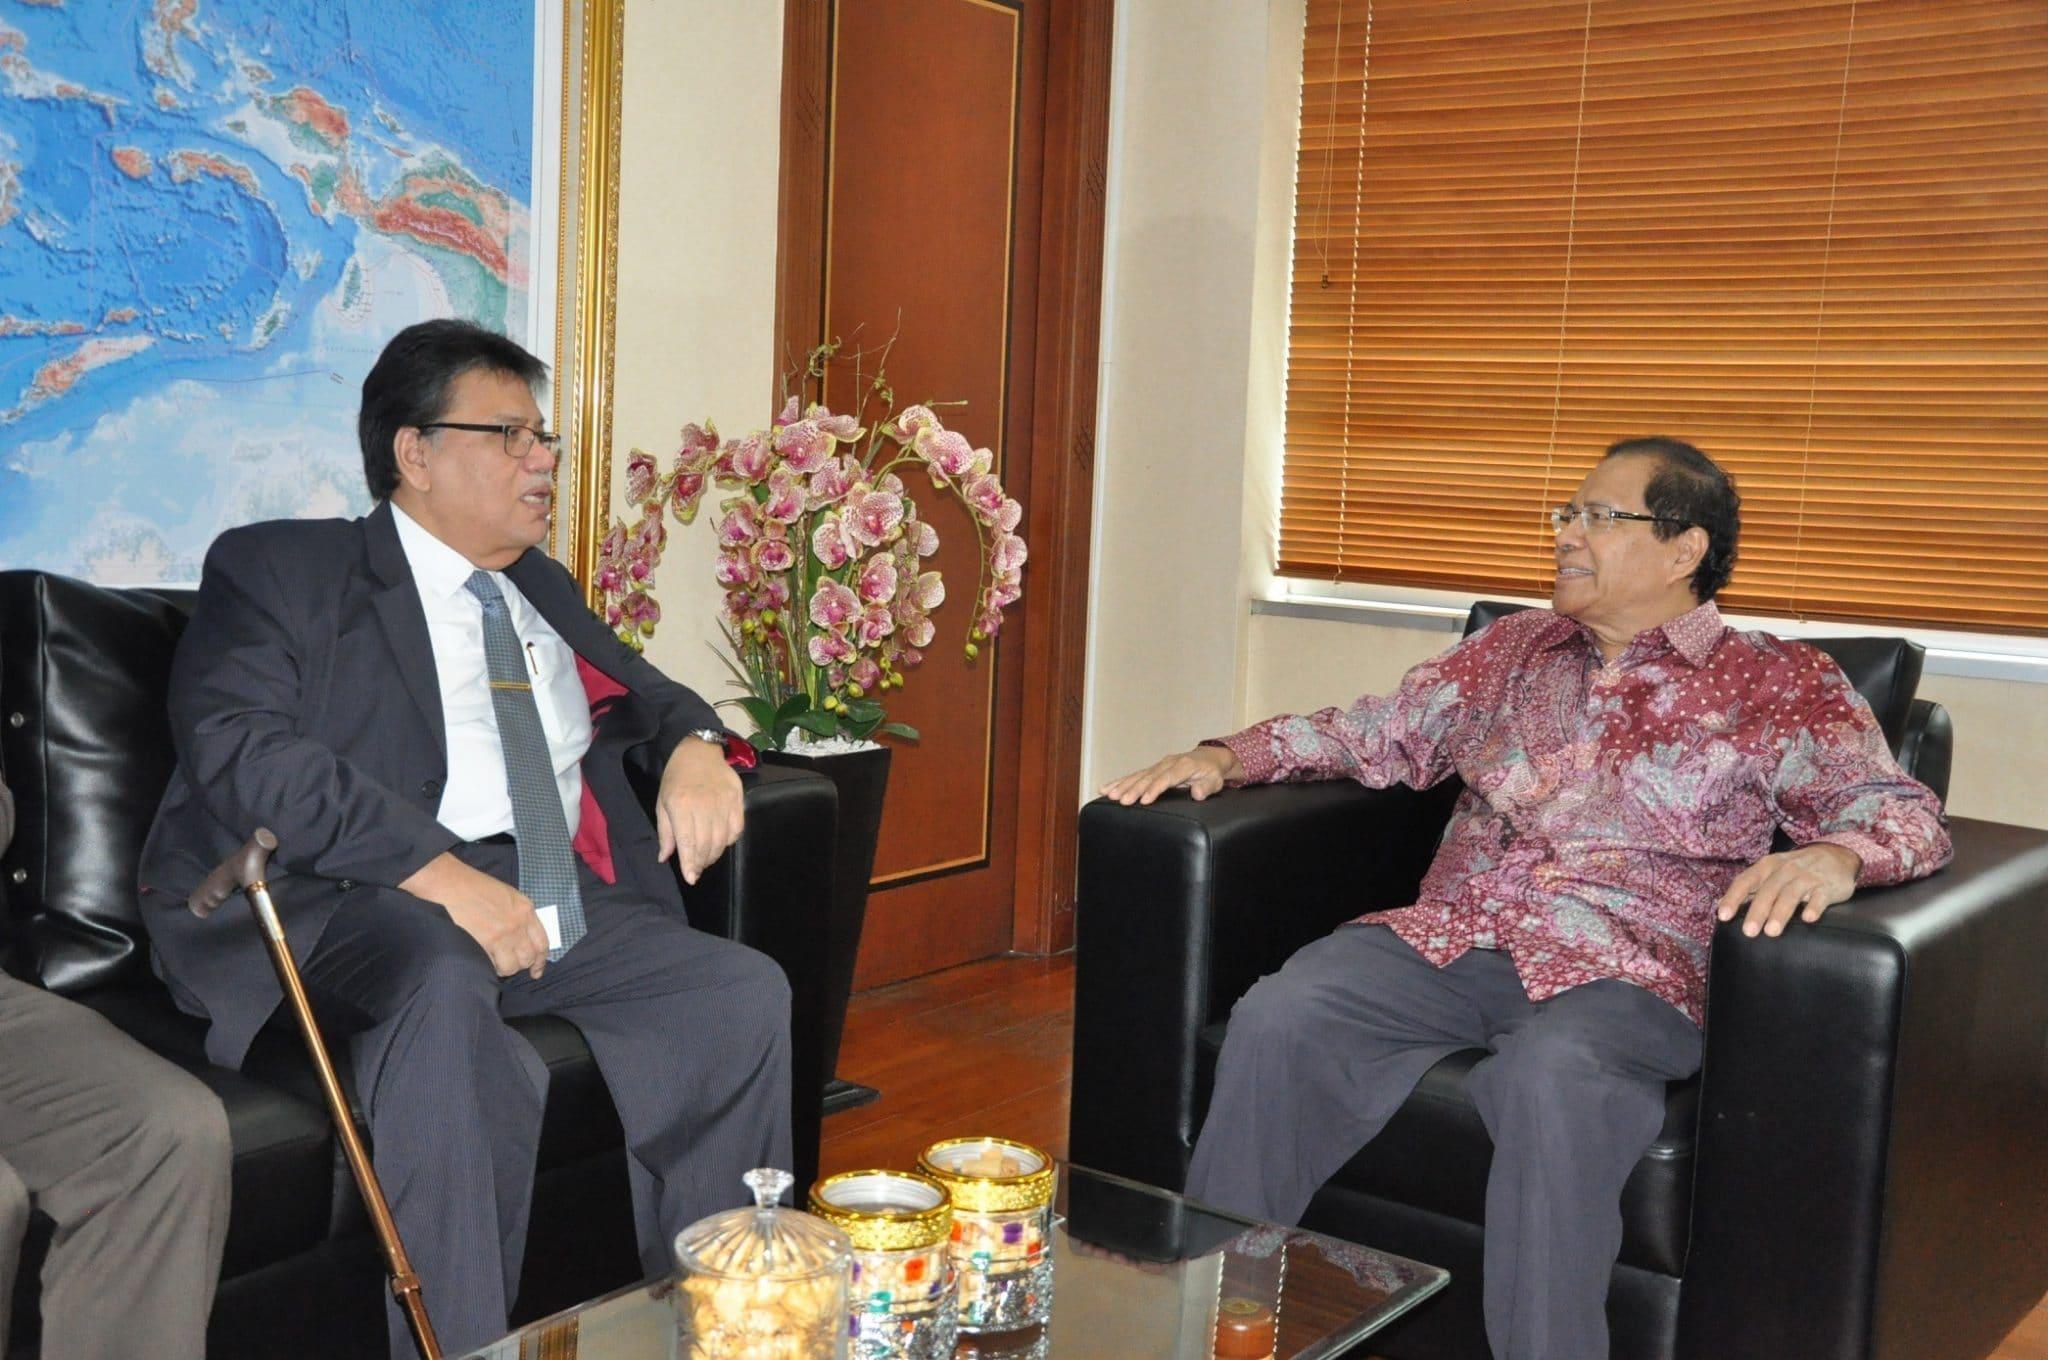 3. Menko Maritim dan Sumber Daya Rizal Ramli (kanan) menerima kunjungan Dubes Malaysia untuk Indonesia Dato Seri Zahrain di ruang kerja menko Gd. BPPT Jakarta 16-2-2016.